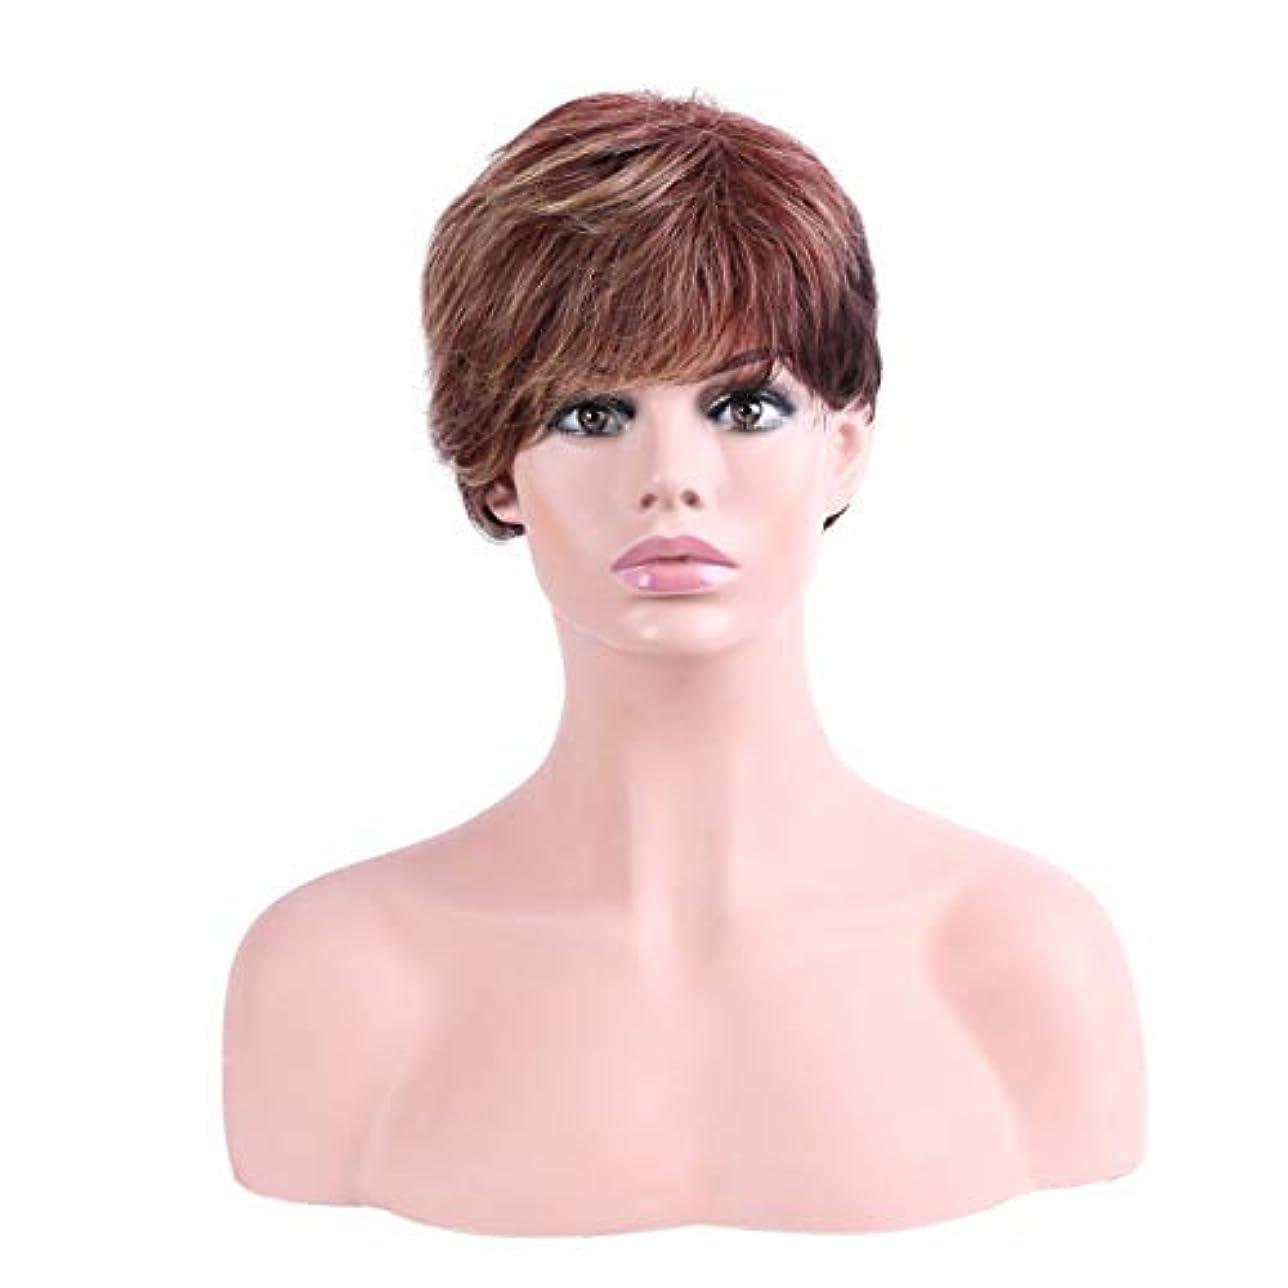 多様な寄り添う滑りやすいYOUQIU 女性の耐熱ウィッグナチュラルヘアウィッグ用オンブル茶ショート傾斜部髪の天然、合成ウィッグ (色 : Ombre Brown)